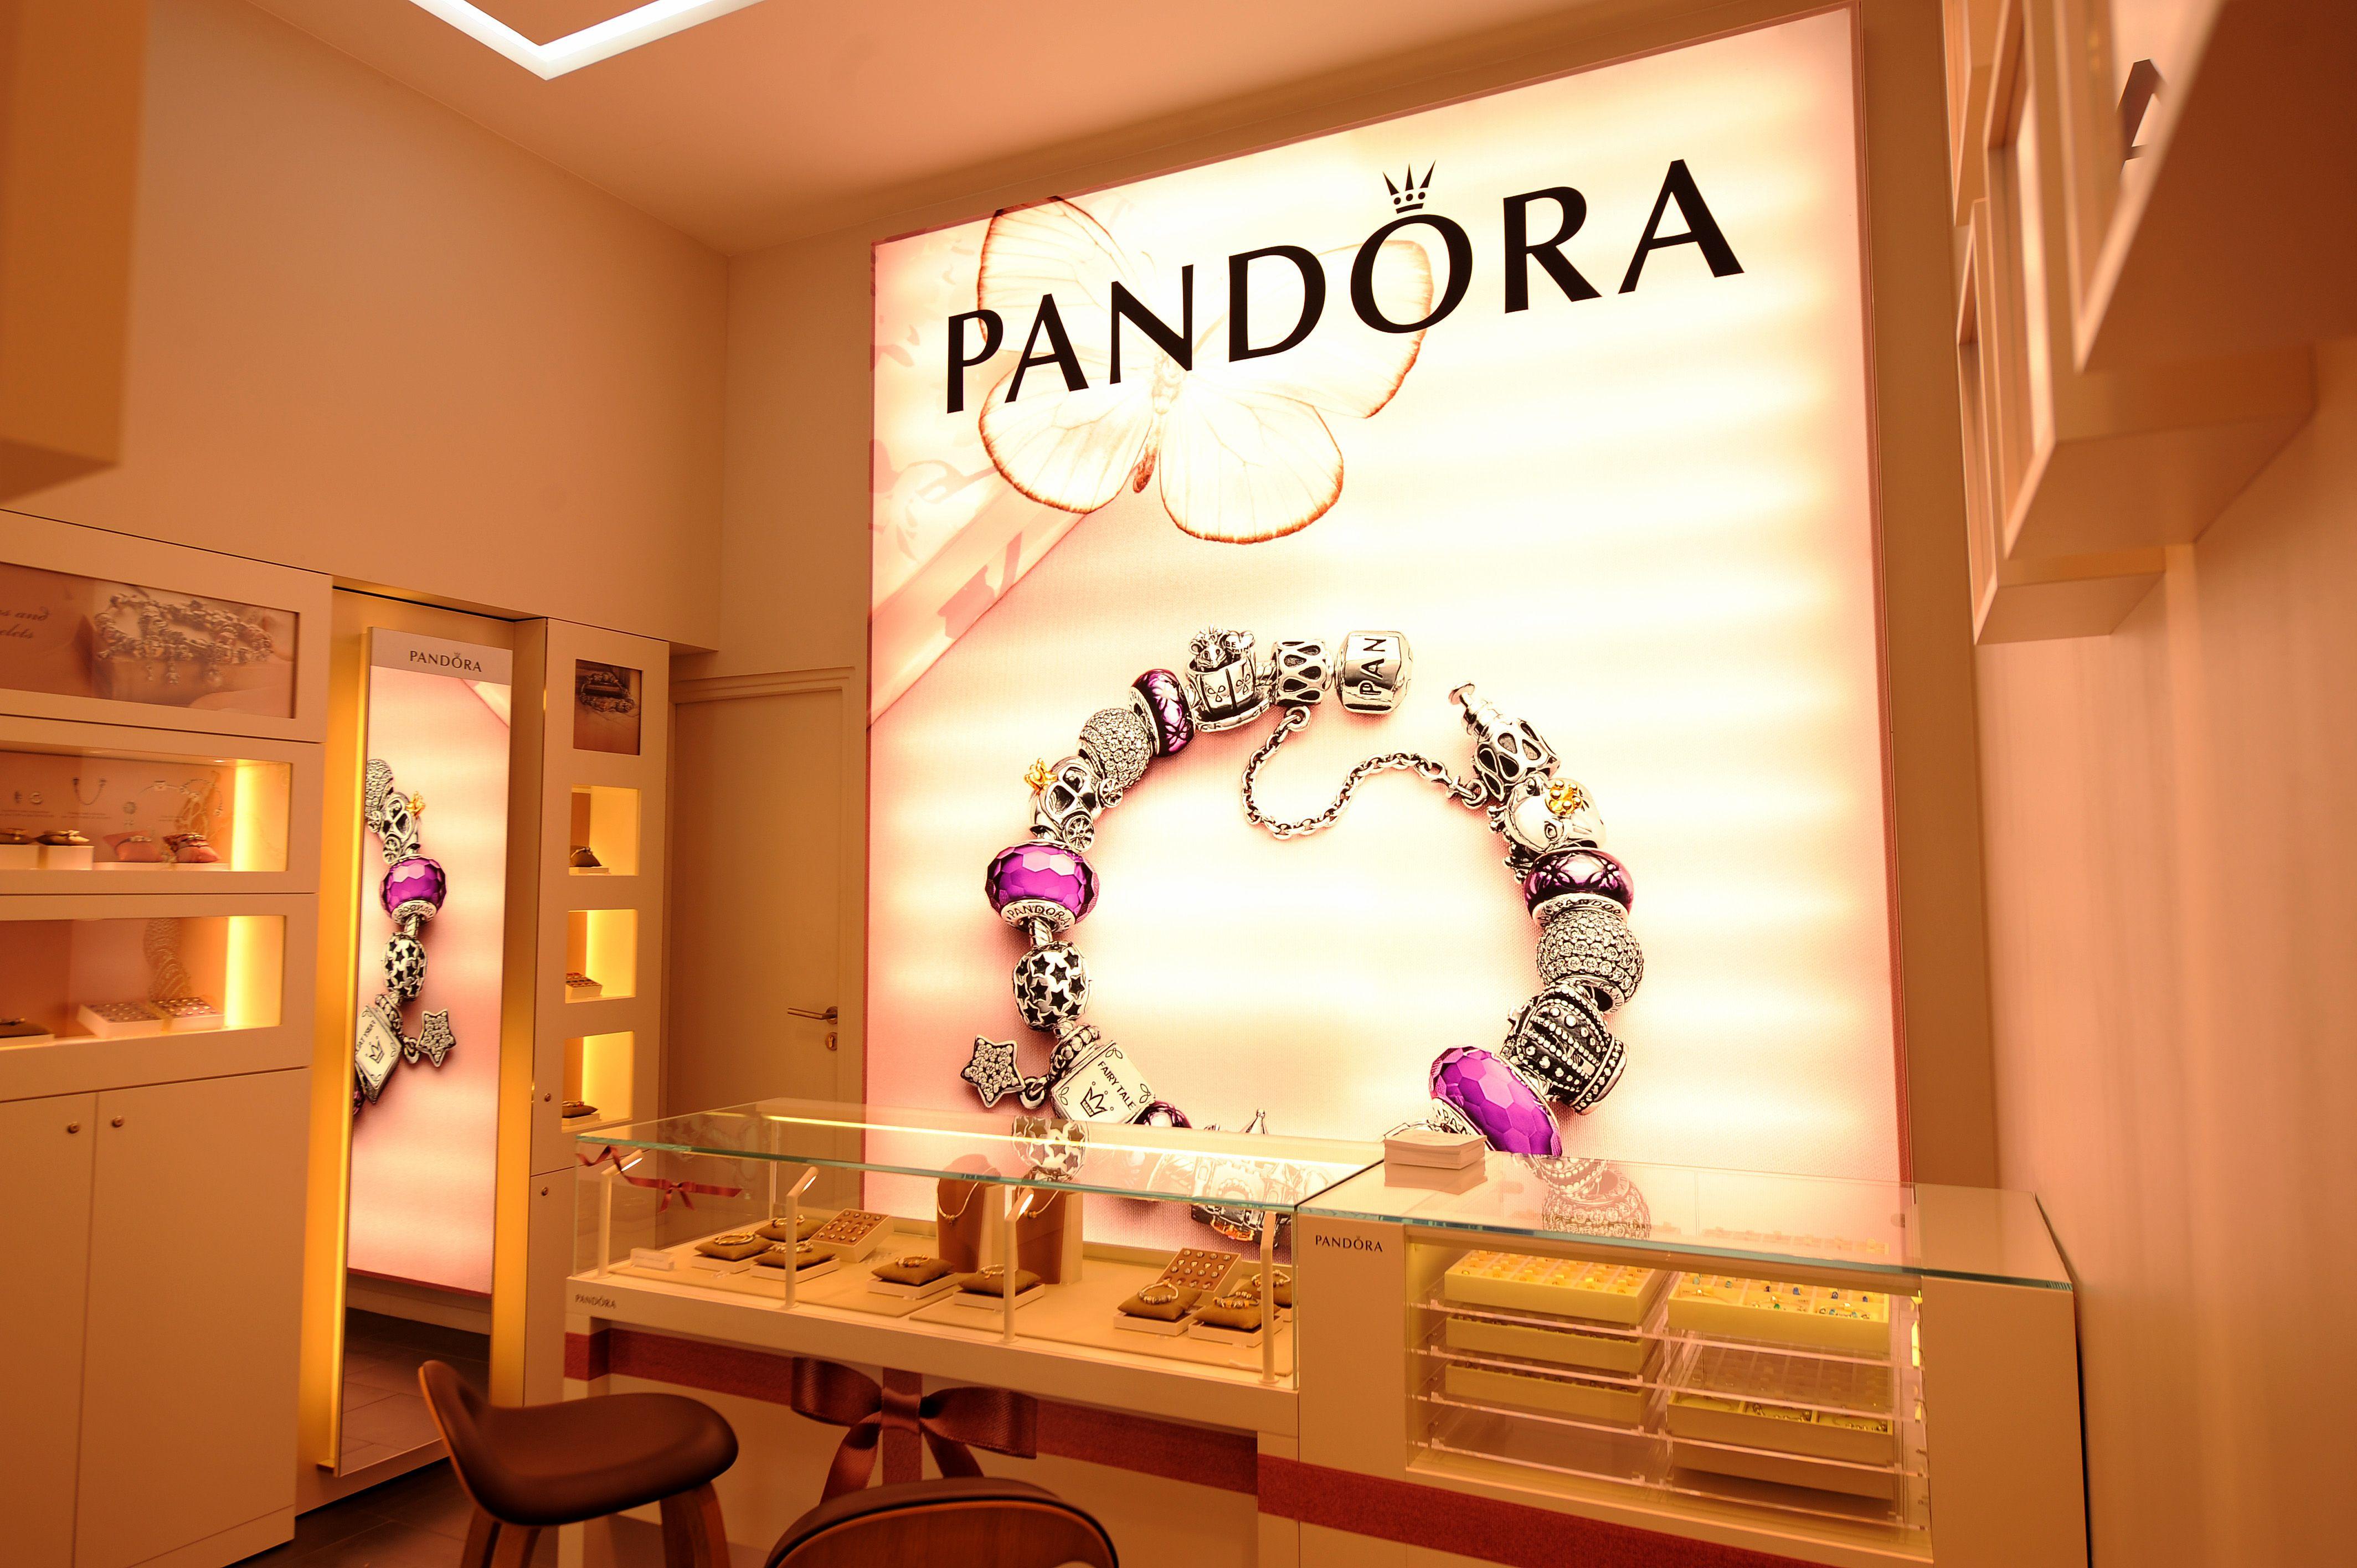 Pandora store à Lyon | Soufeel, Home decor decals, Decor